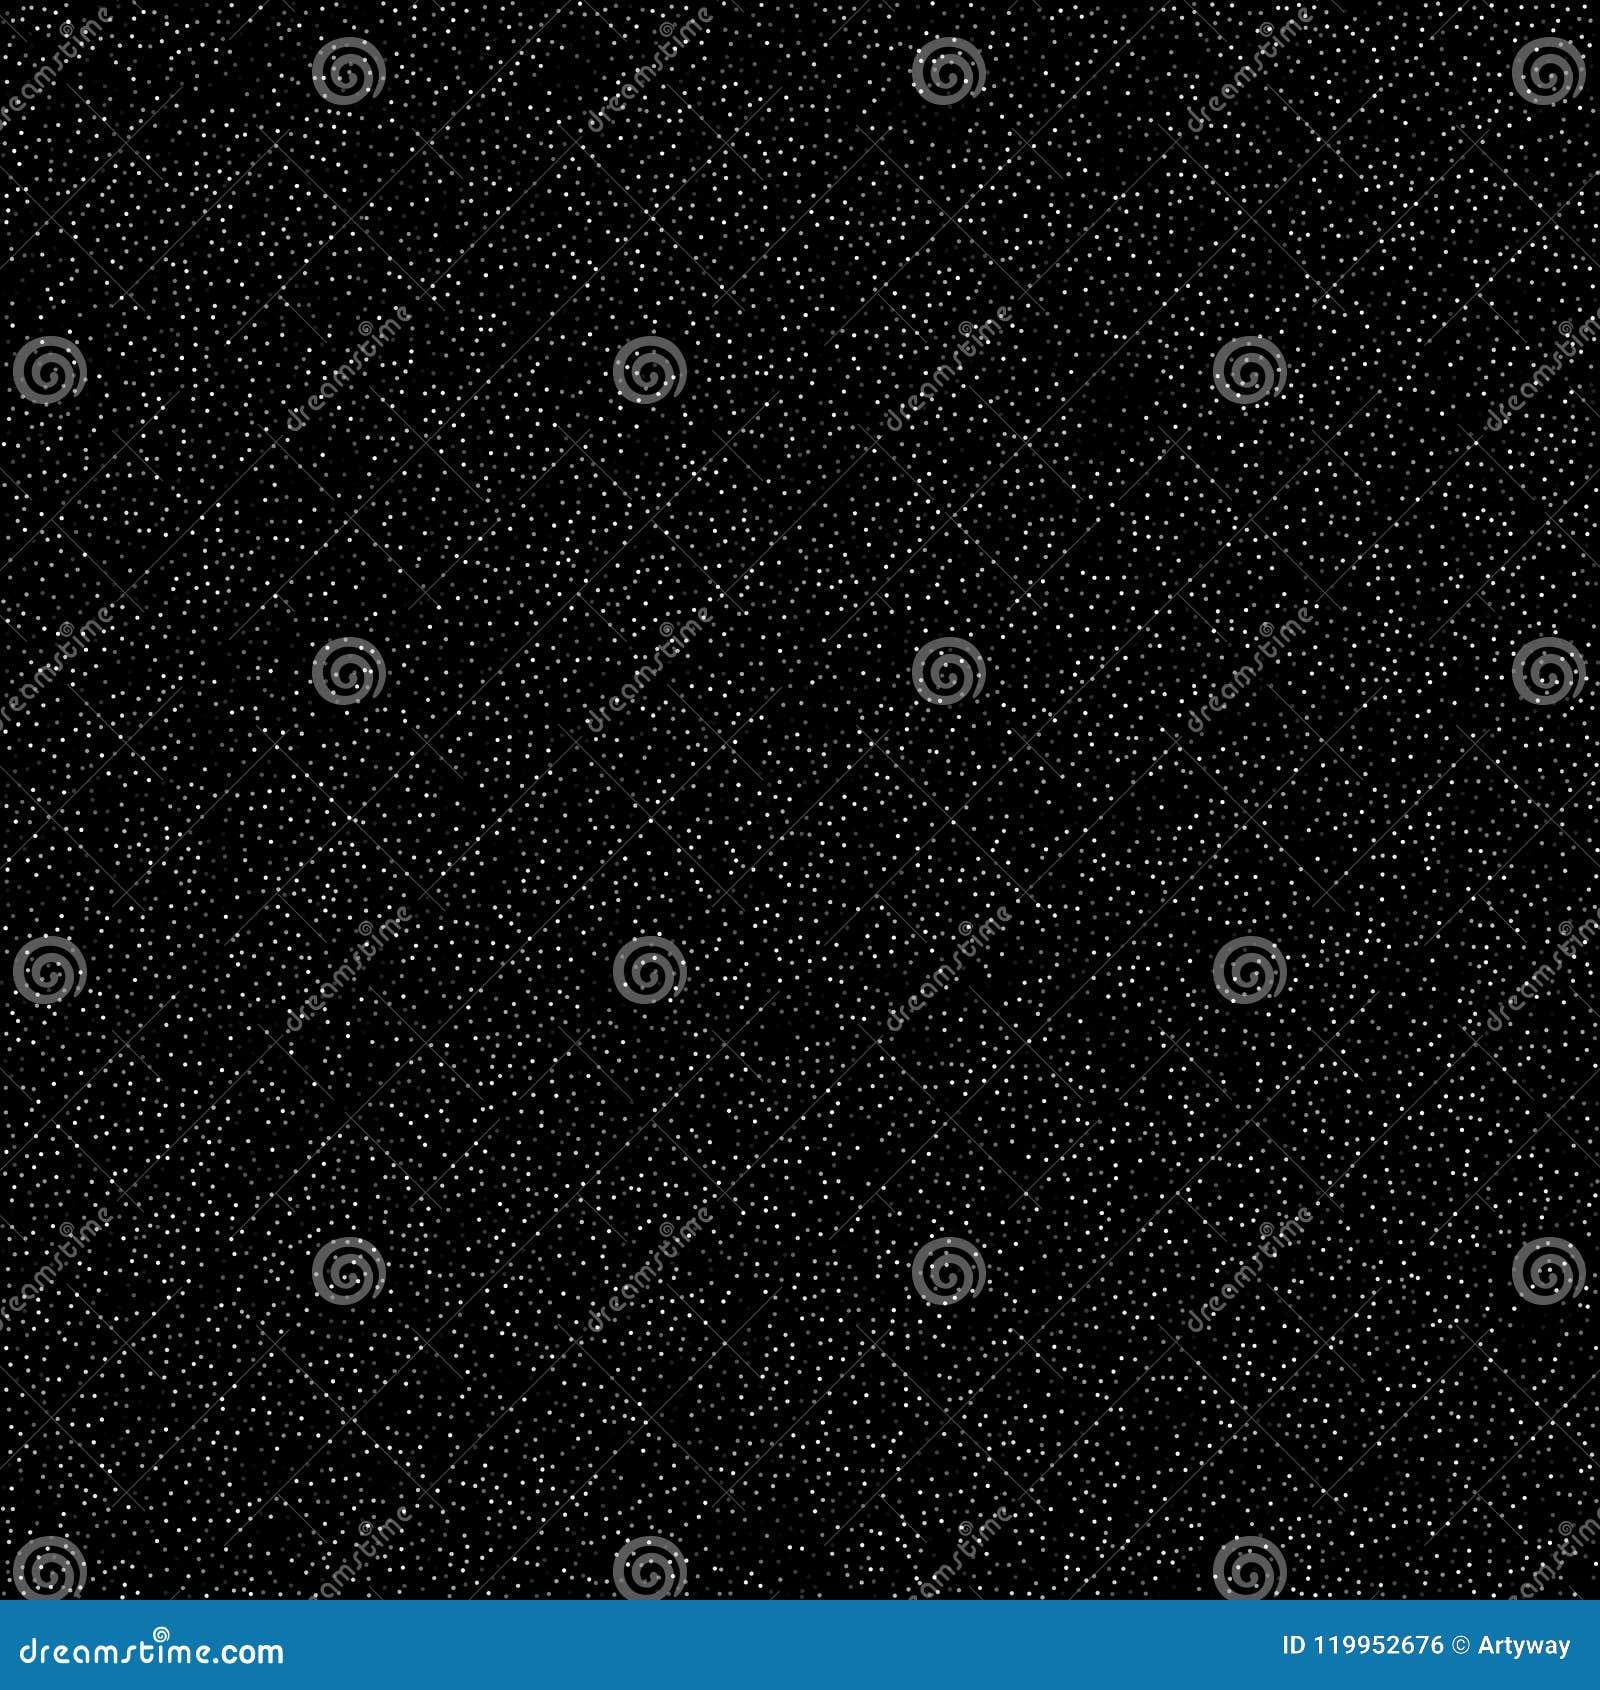 Geräuschmuster, digitaler Effekt Himmel mit Sternen, einfaches flaches Design Viele Weißpunkte auf schwarzem Hintergrund, Vektor